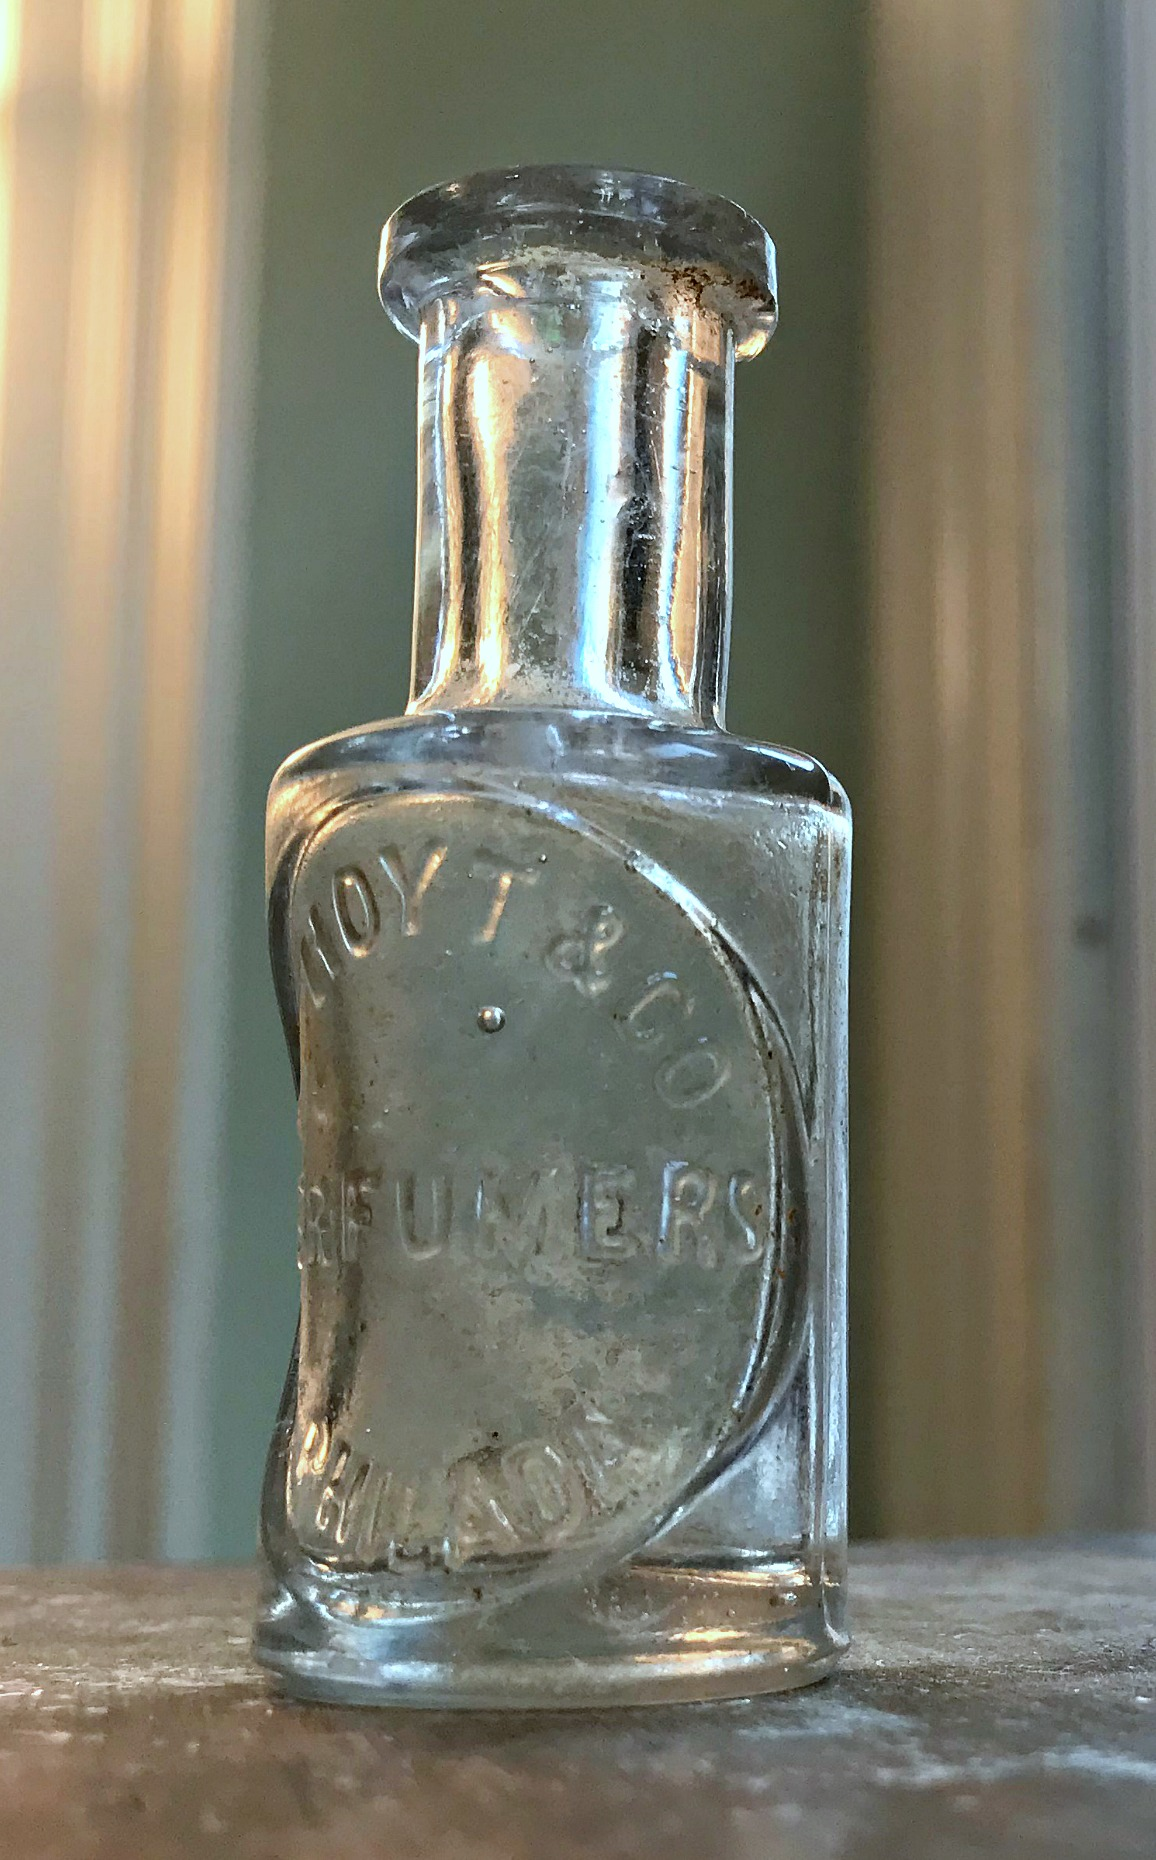 Hoyt & Co 10¢ perfume.jpg